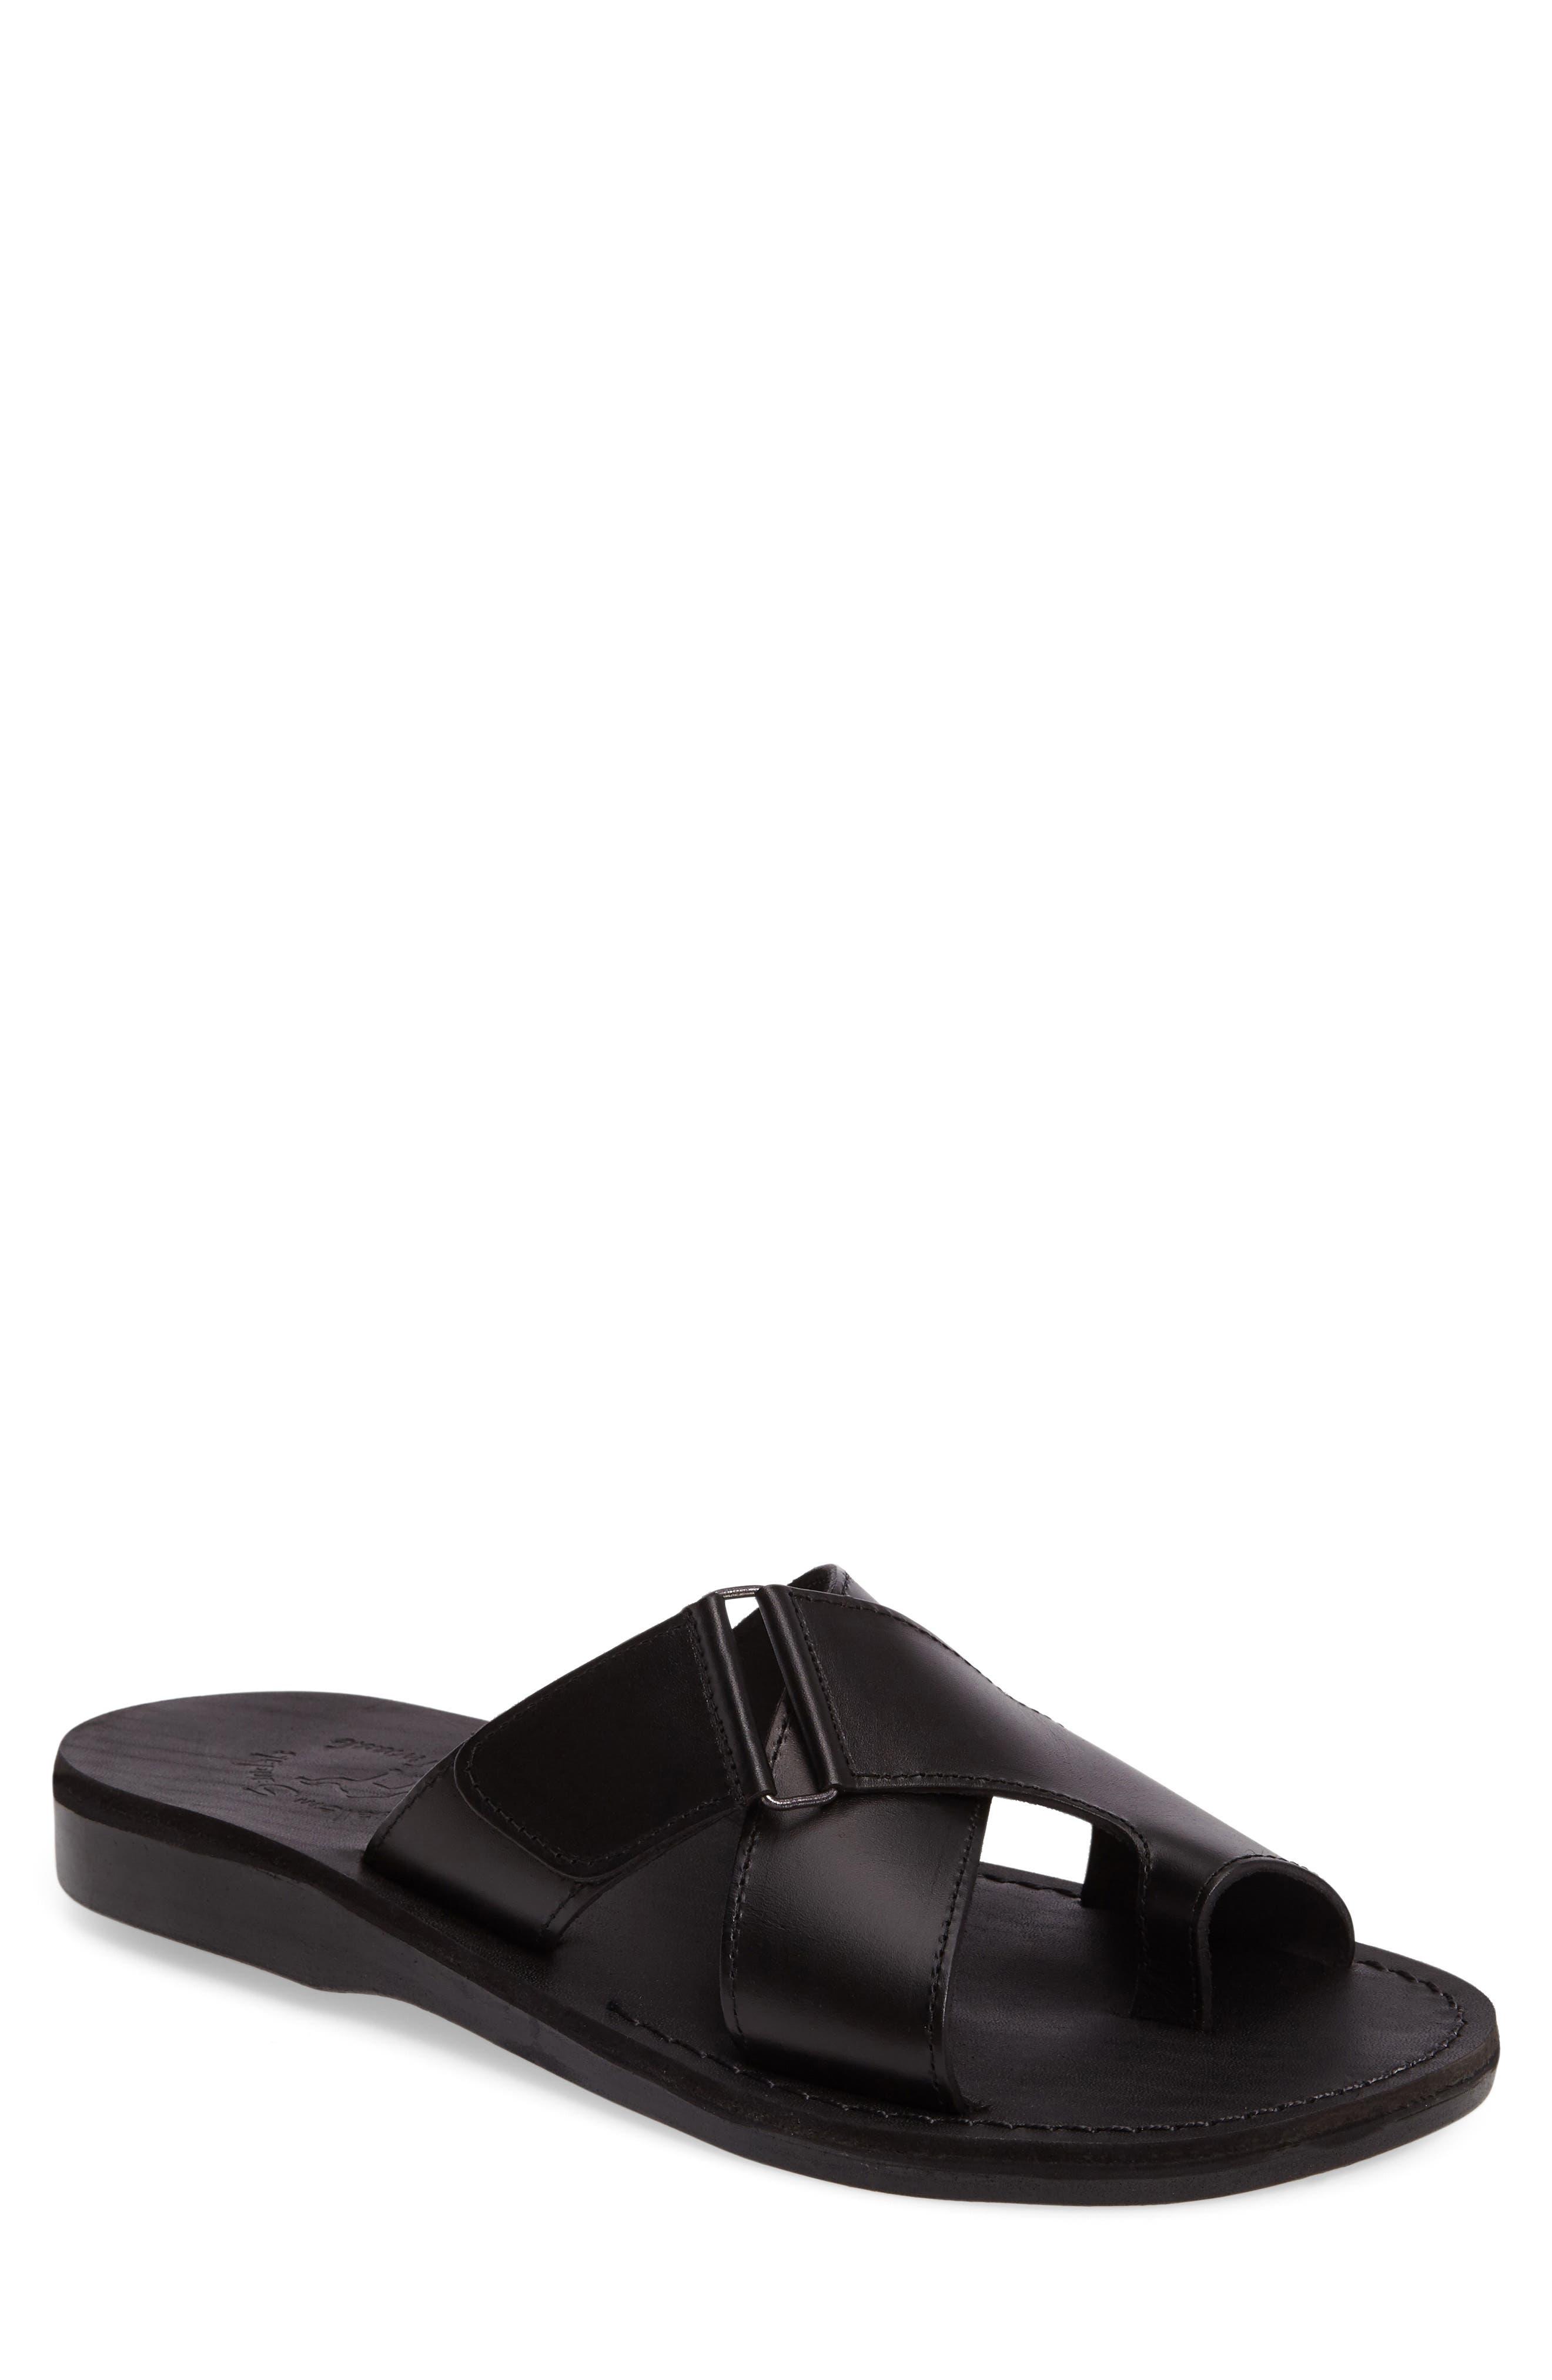 JERUSALEM SANDALS Asher Slide Sandal, Main, color, BLACK LEATHER